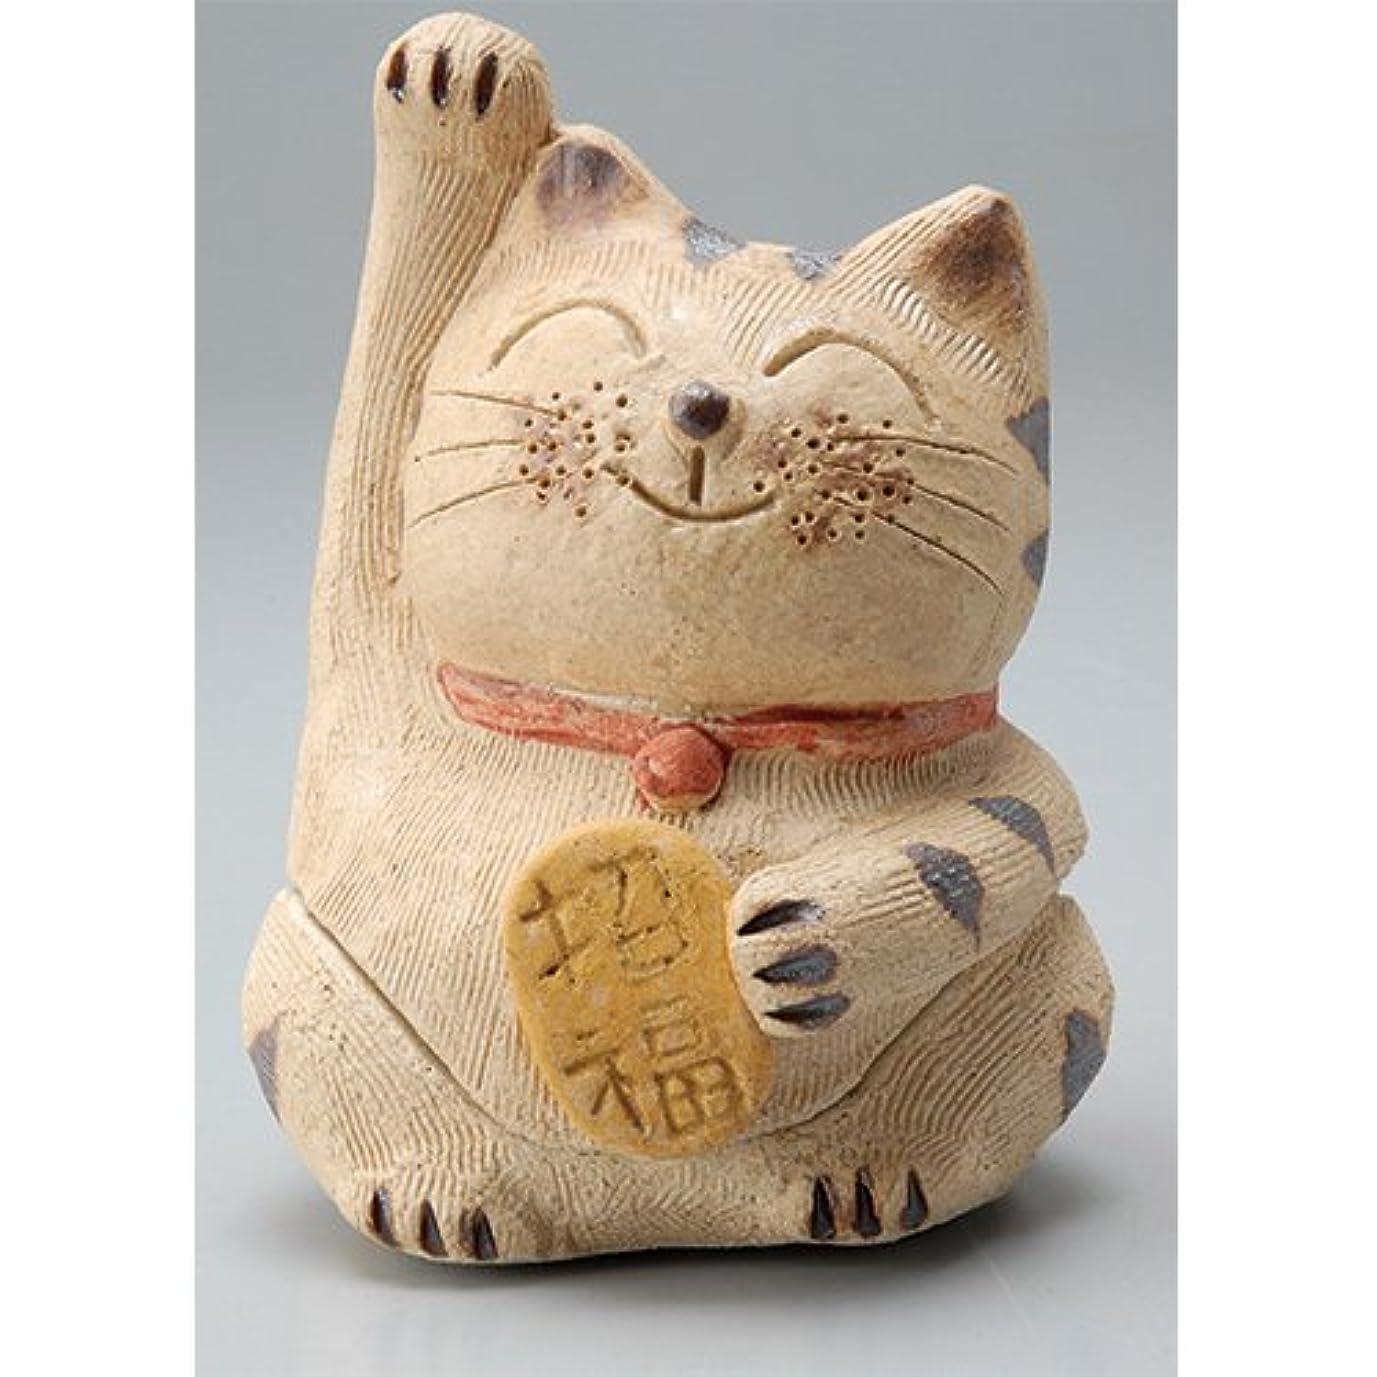 マオリノミネート学習香炉 微笑み招き猫(お金招き)香炉(小) [H8.5cm] HANDMADE プレゼント ギフト 和食器 かわいい インテリア